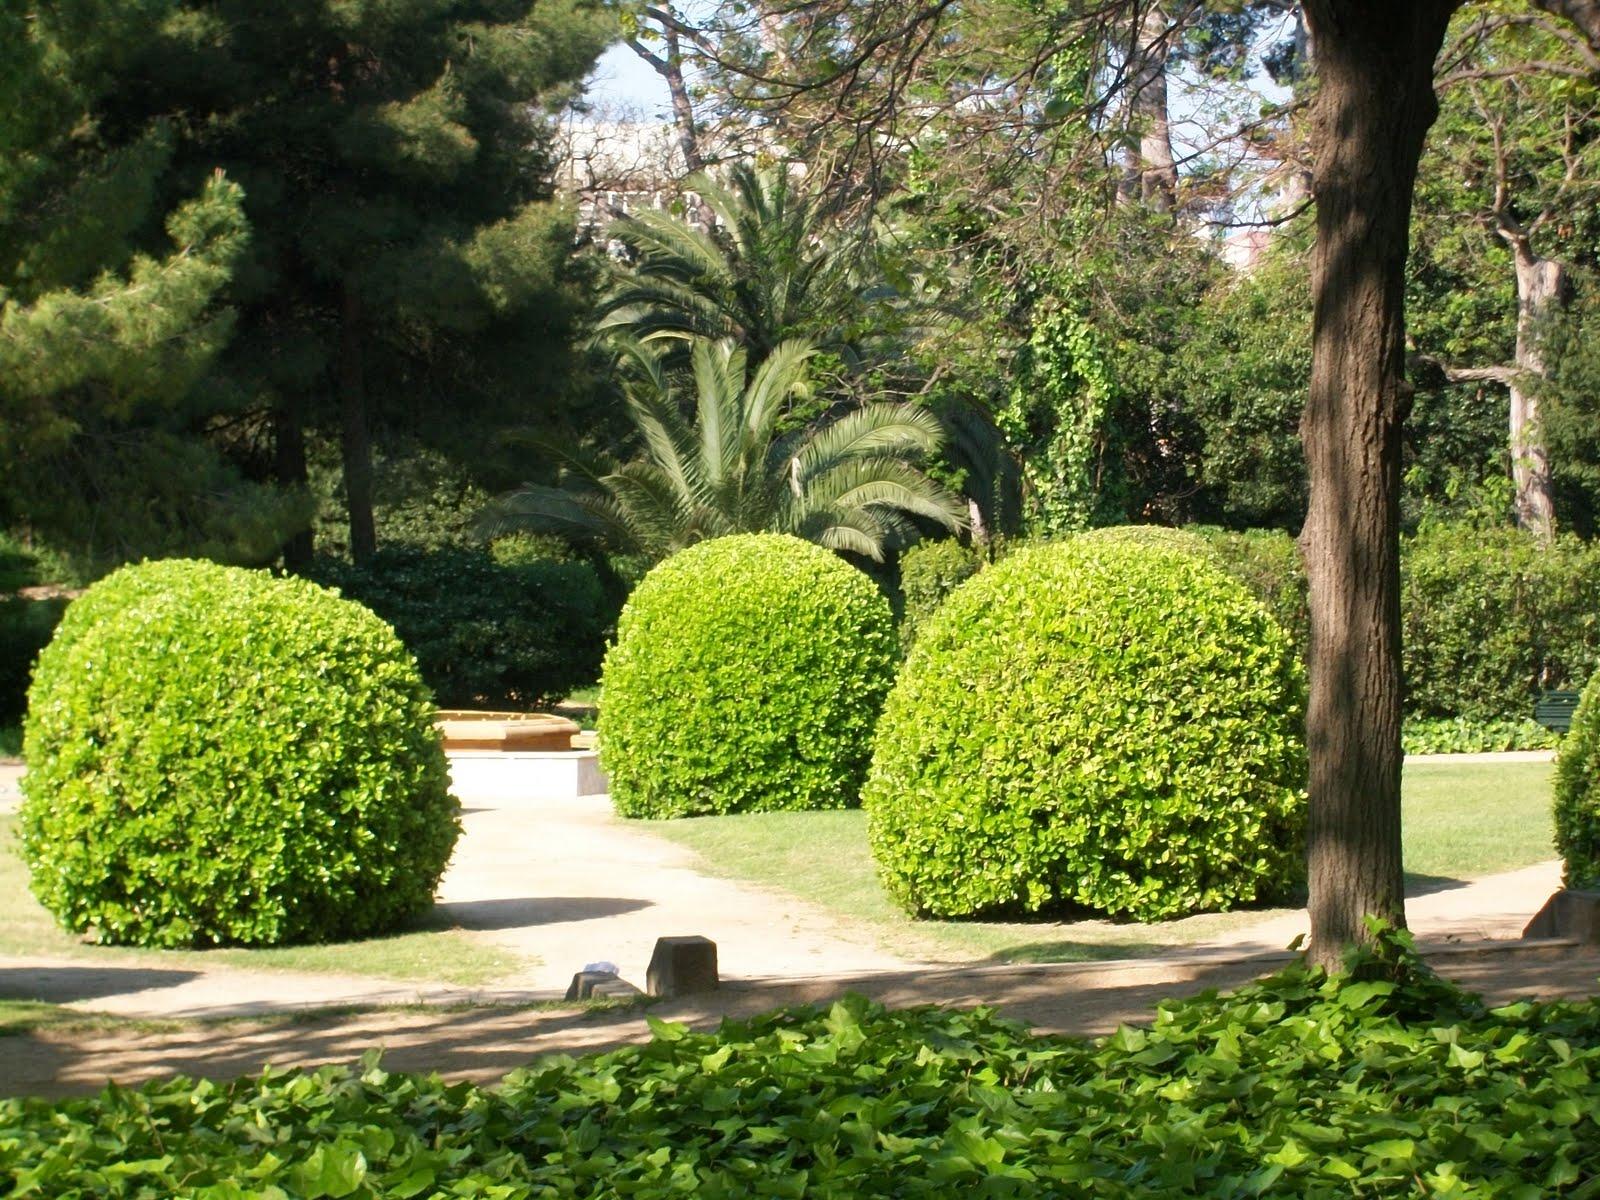 Enric llorens matinal als jardins del palau de pedralbes for Jardines del palau